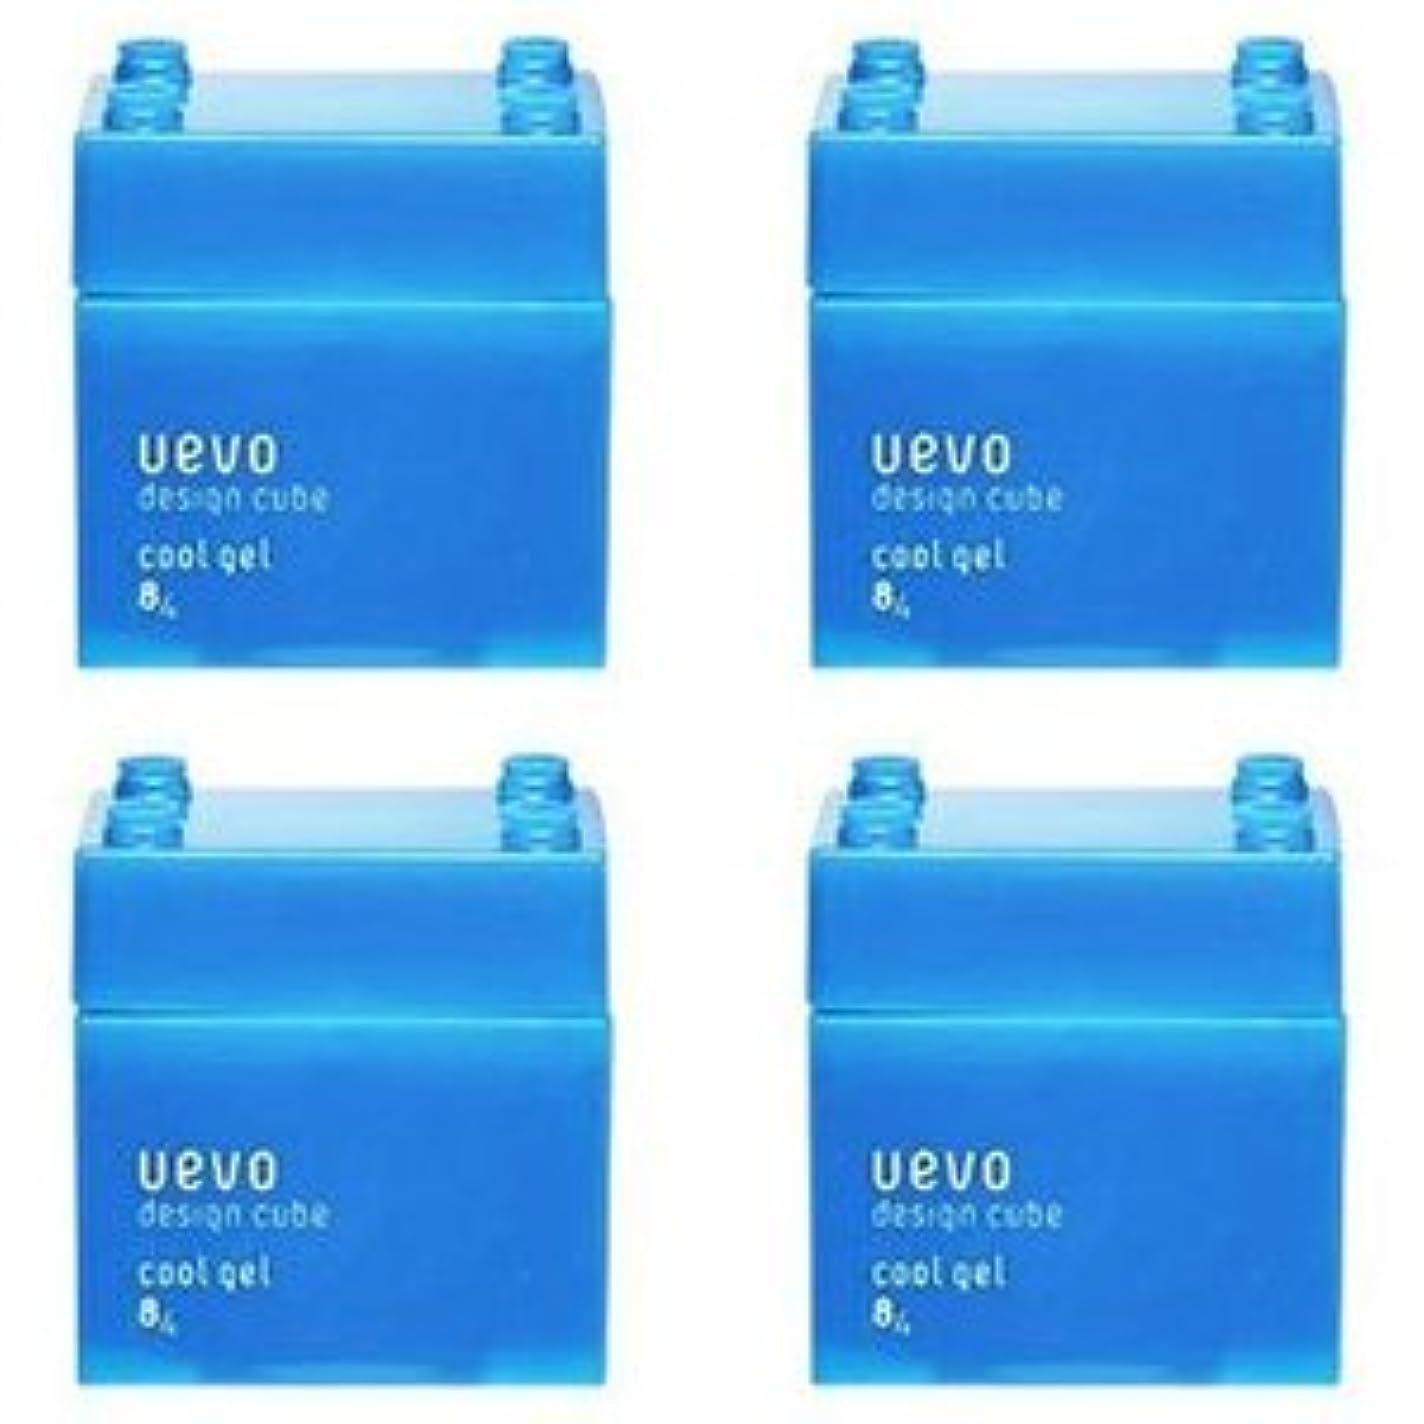 便利さサークル殺す【X4個セット】 デミ ウェーボ デザインキューブ クールジェル 80g cool gel DEMI uevo design cube